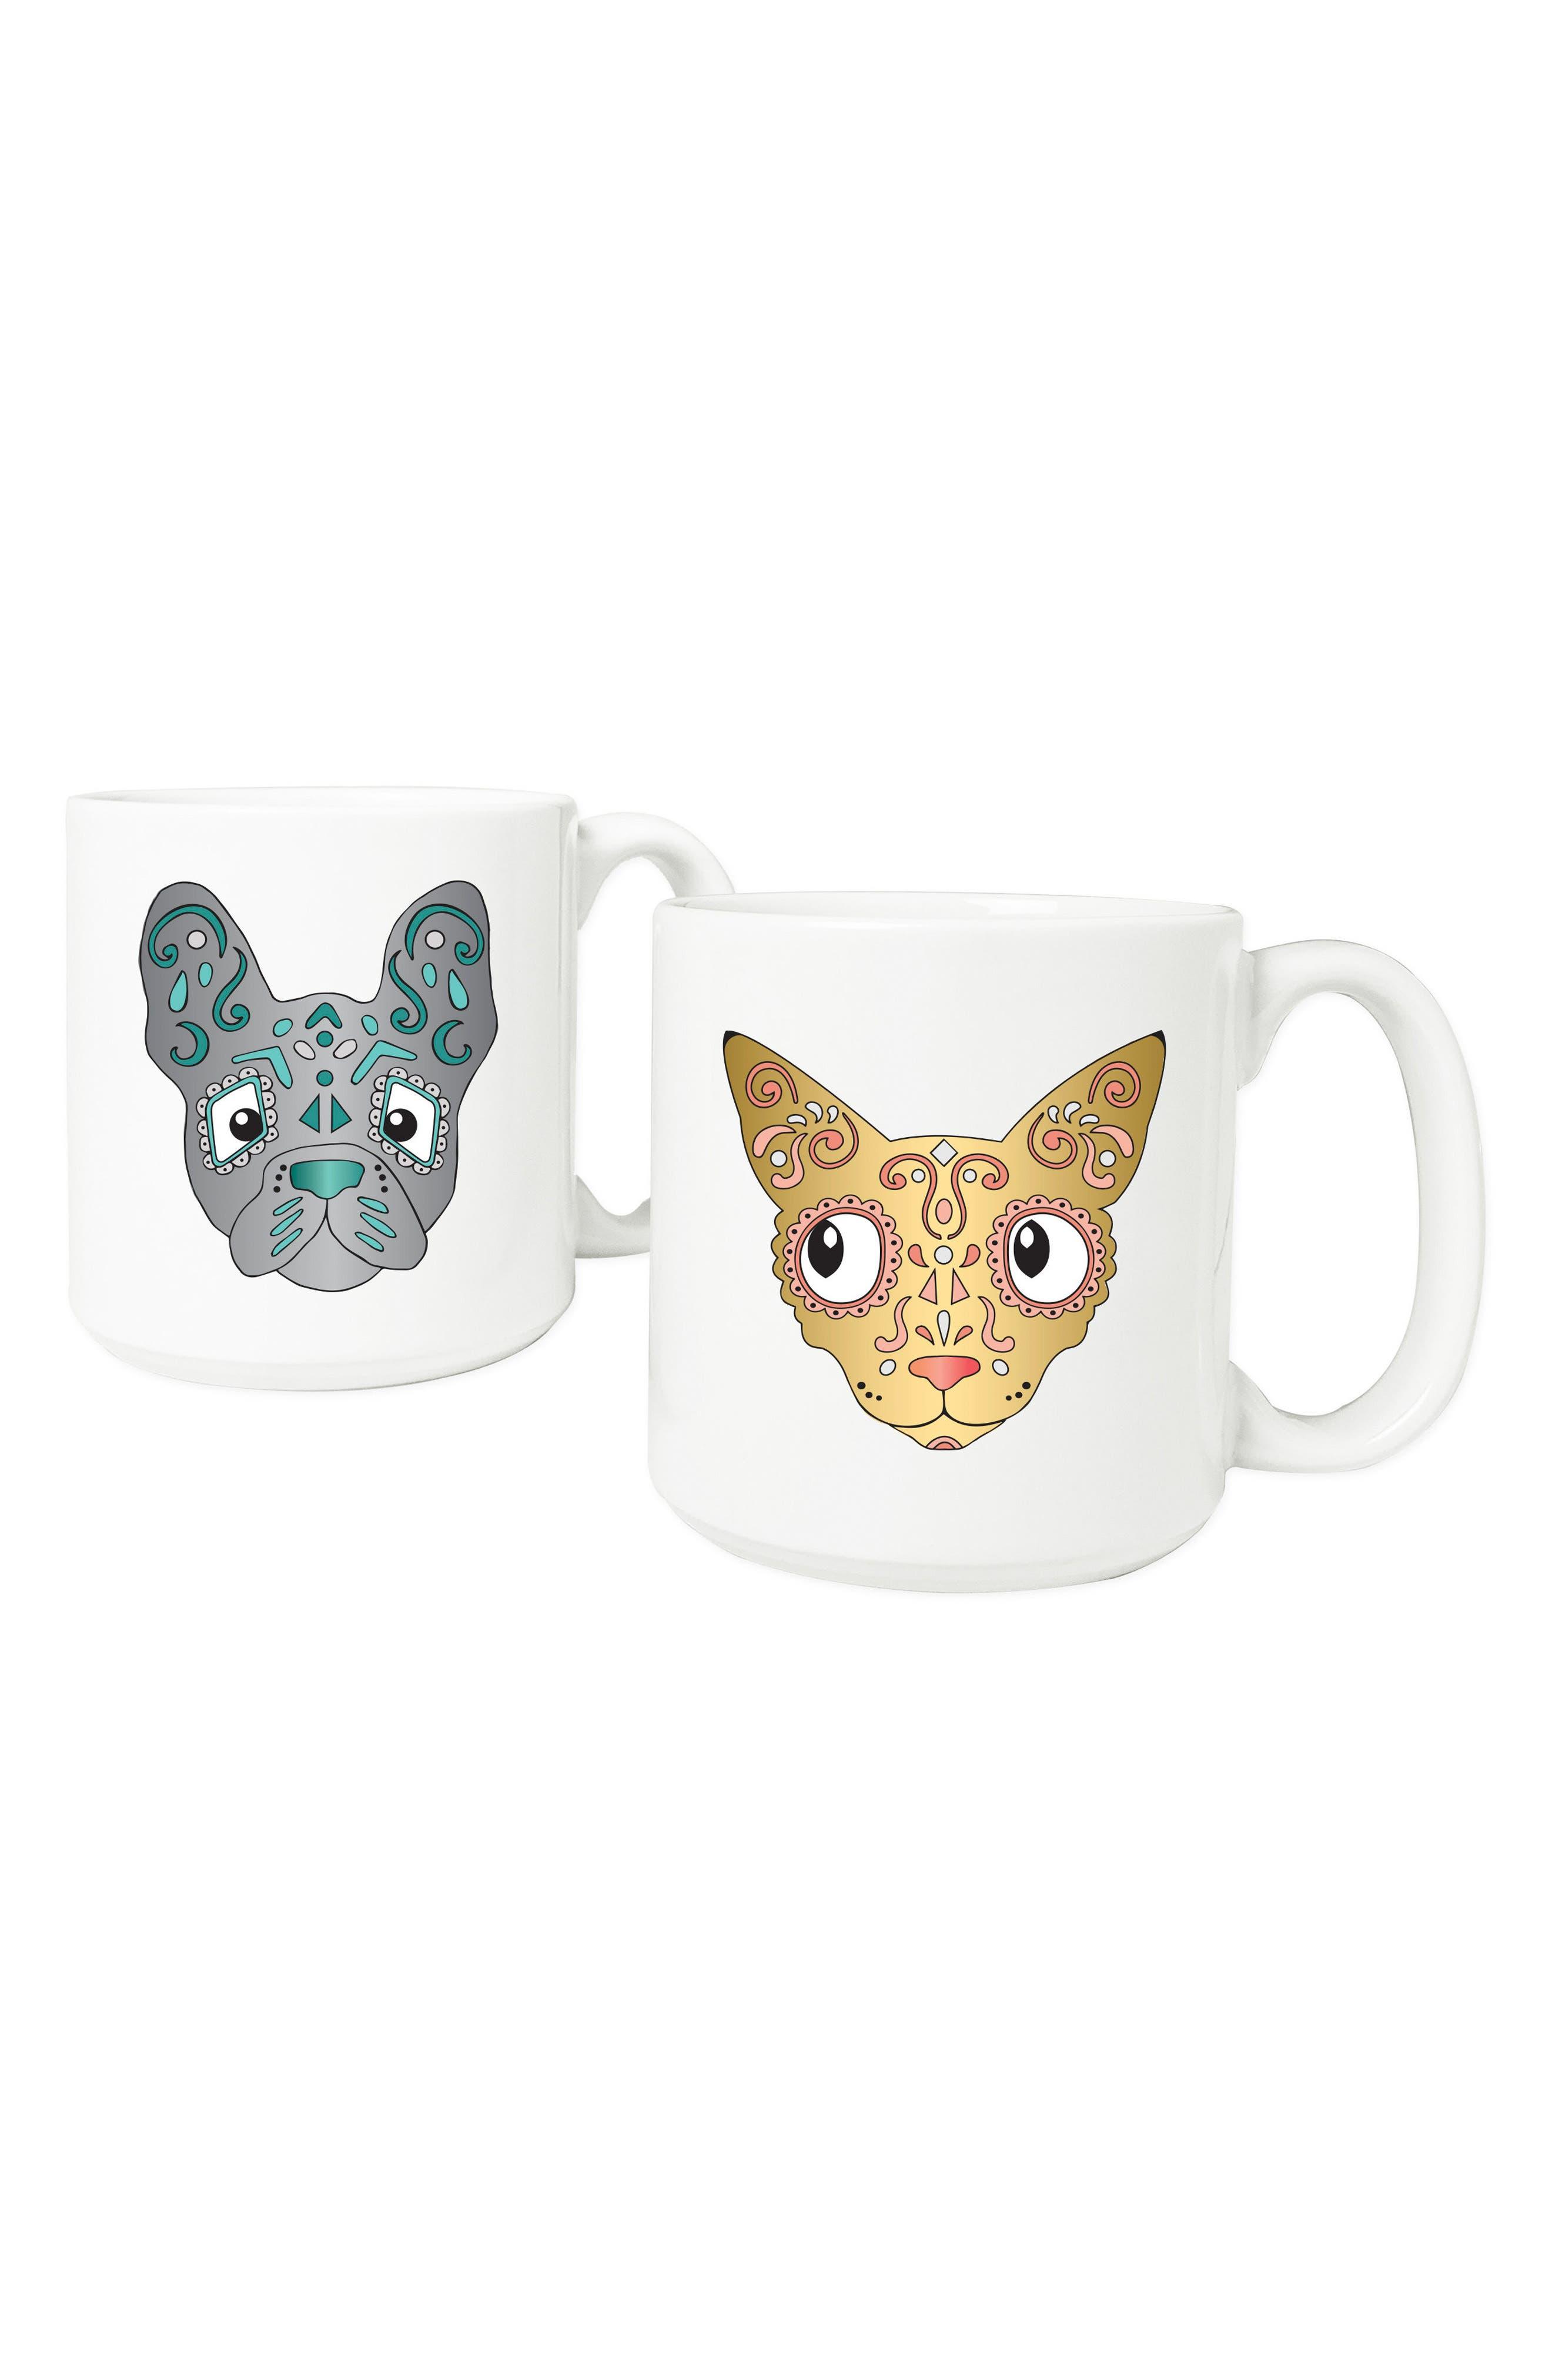 Cathy's Concepts Set of 2 Sugar Skull Pet Mugs